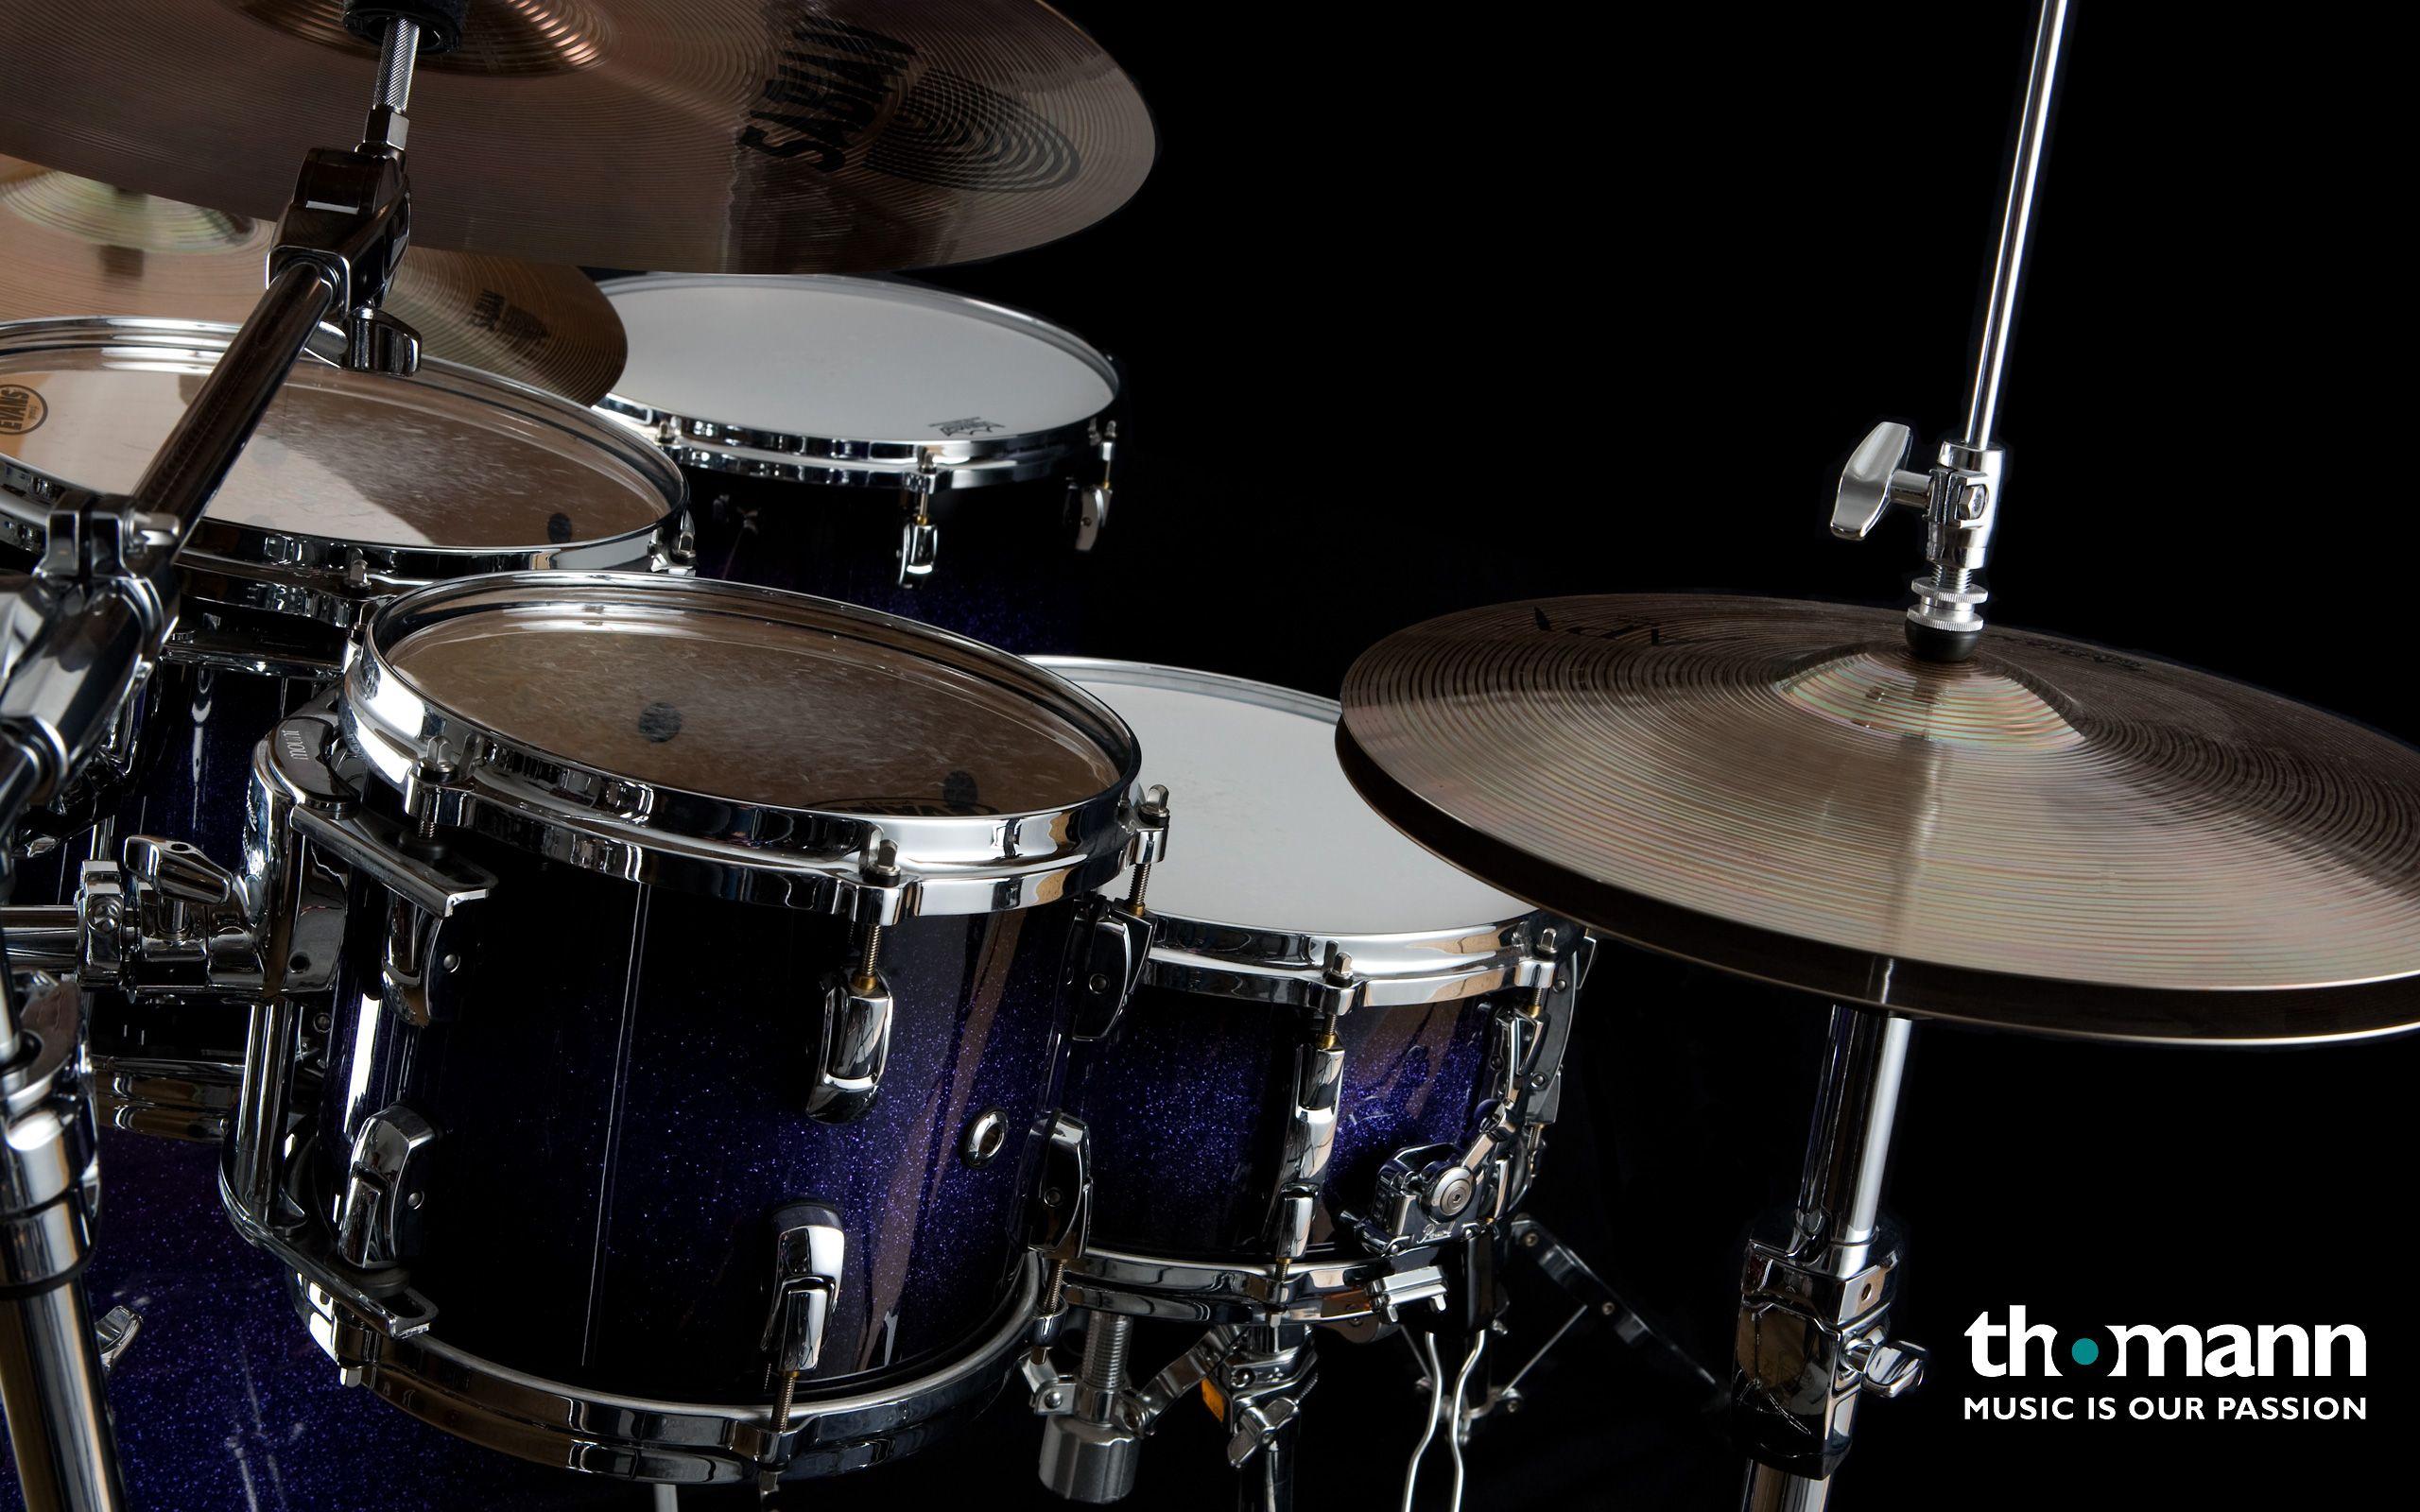 Drums Full Hd Wallpaper For Desktop Background Download